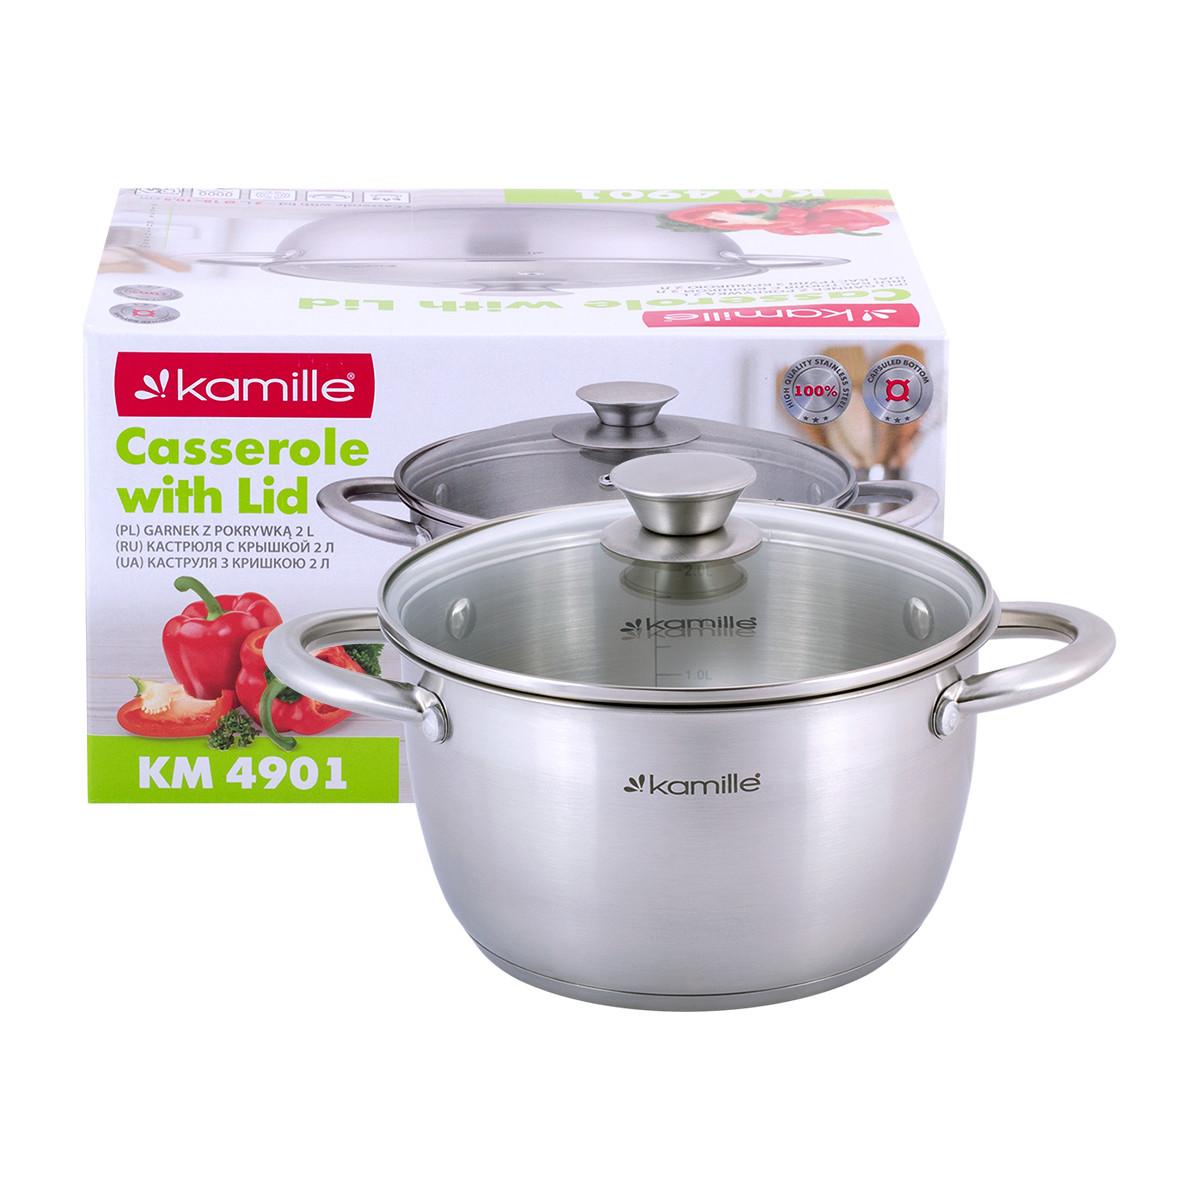 Кастрюля Kamille посуда из нержавеющей стали для газа 2 предмета для приготовления пищи для индукции и газа KM-4901